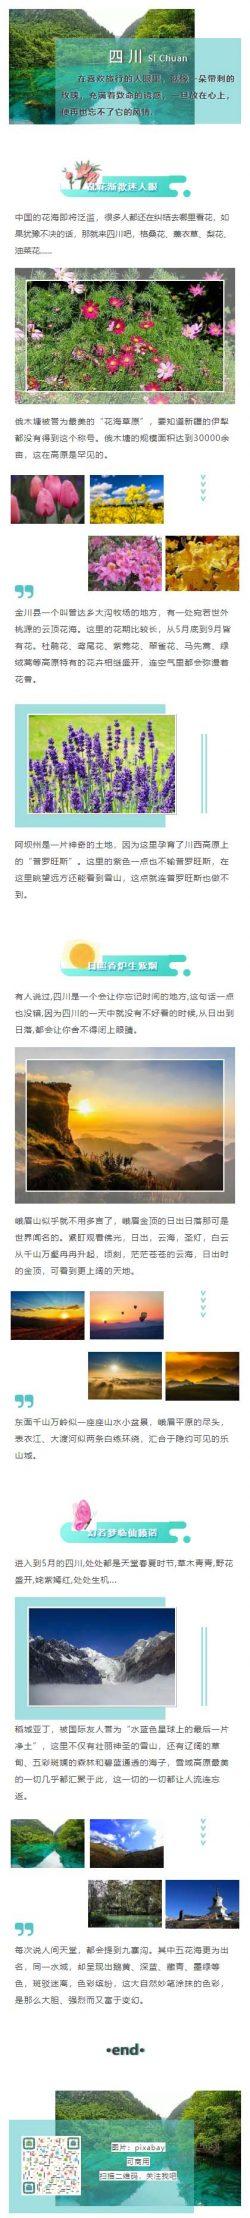 旅行四川景点景区微信推文模板风景介绍旅游推送素材